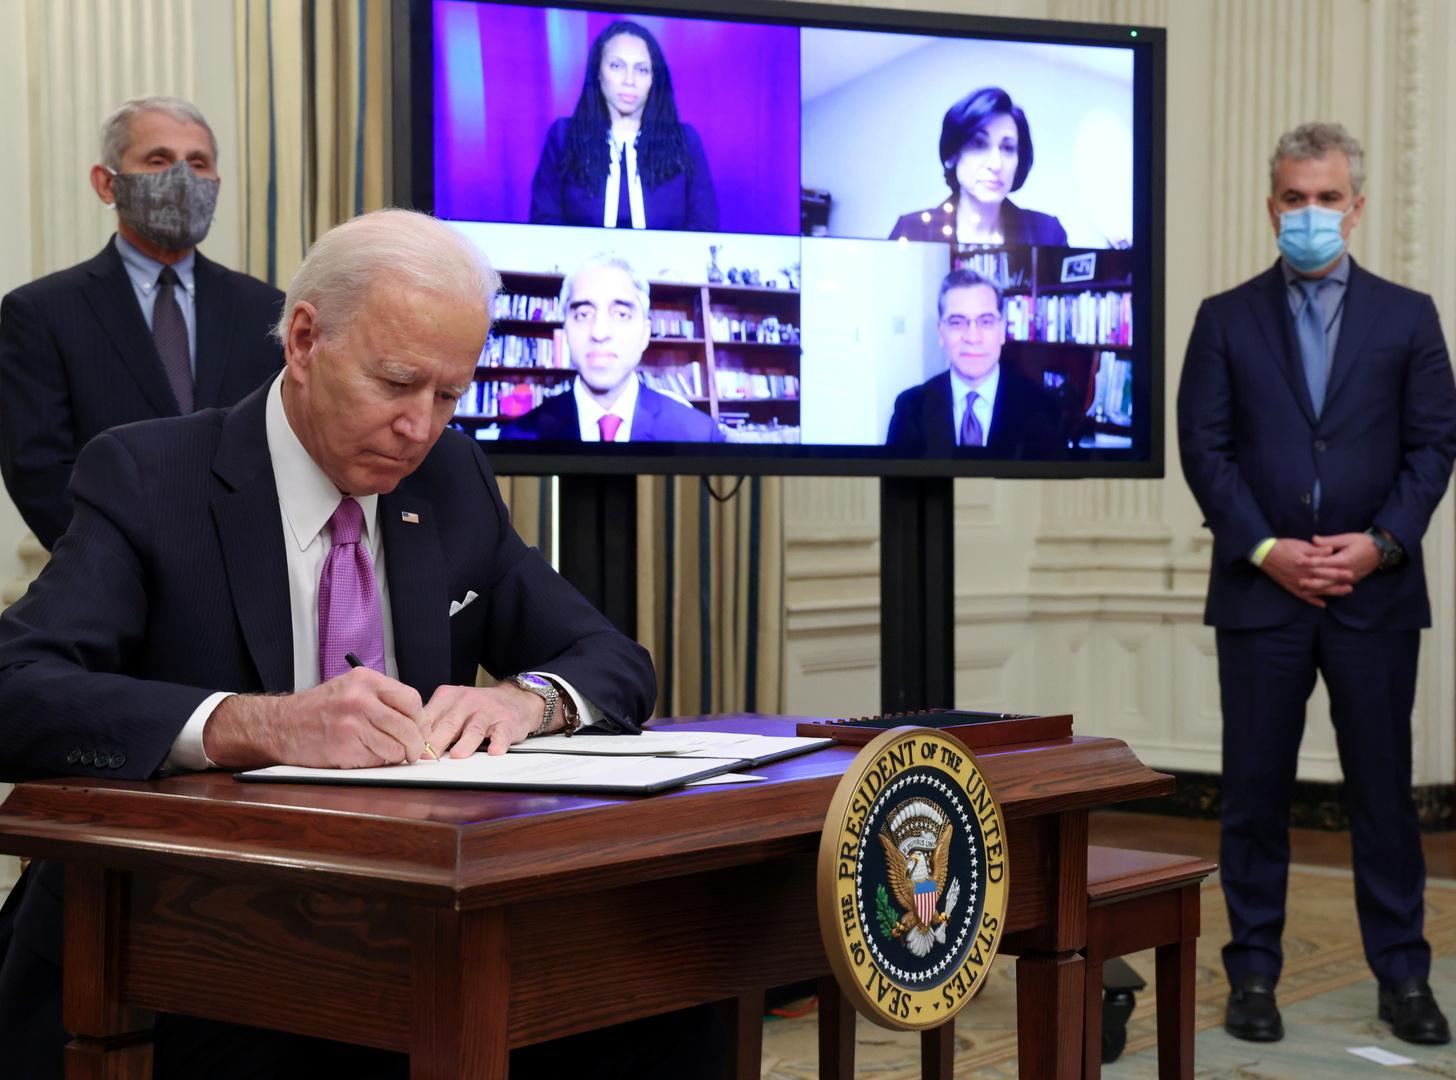 الرئيس الأمريكي الجديد، جو بايدن، يوقع على أحد من 10 أوامر لتكثيف إجراءات مكافحة فيروس كورونا في الولايات المتحدة (21 يناير 2021).